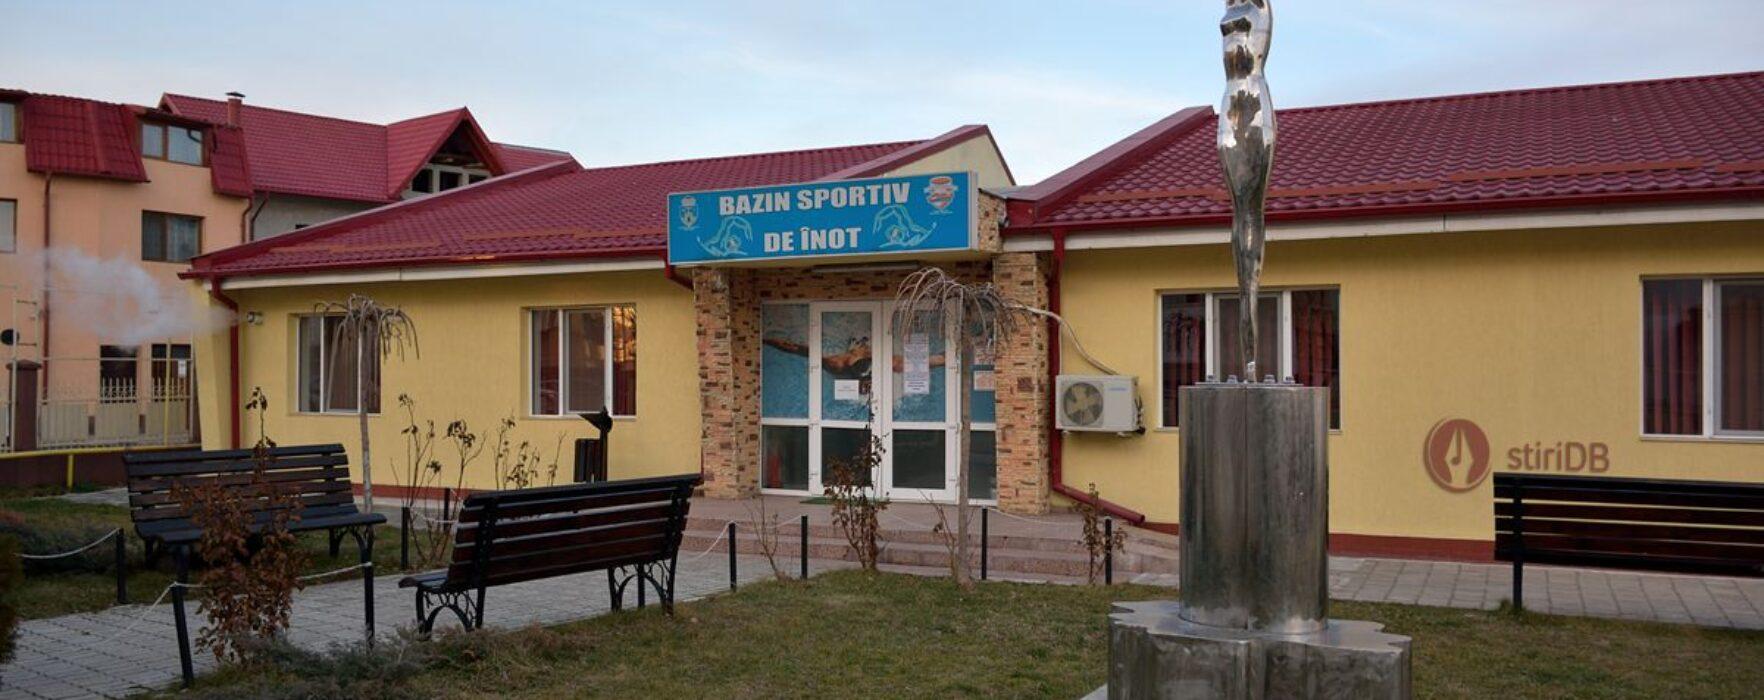 Târgovişte: Bazinul de înot din micro 3, închis pe o perioadă nedeterminată